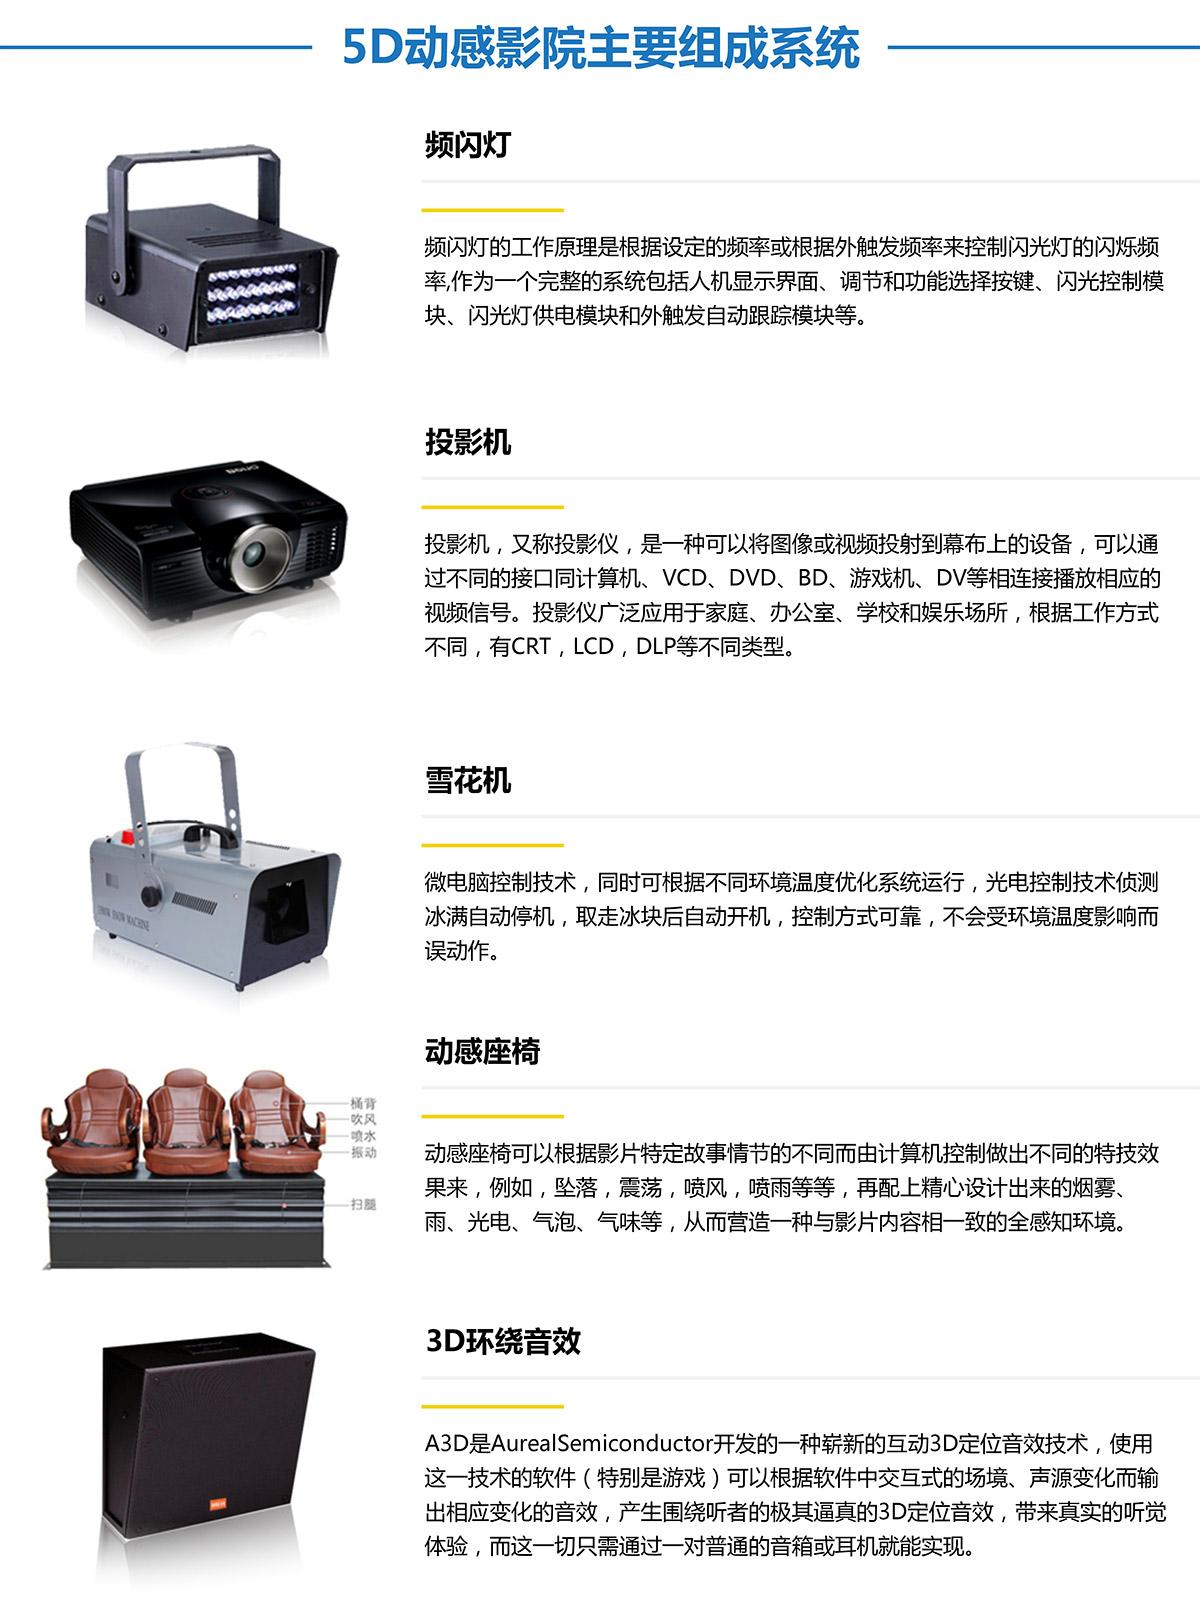 模拟安全5D动感影院主要组成系统.jpg